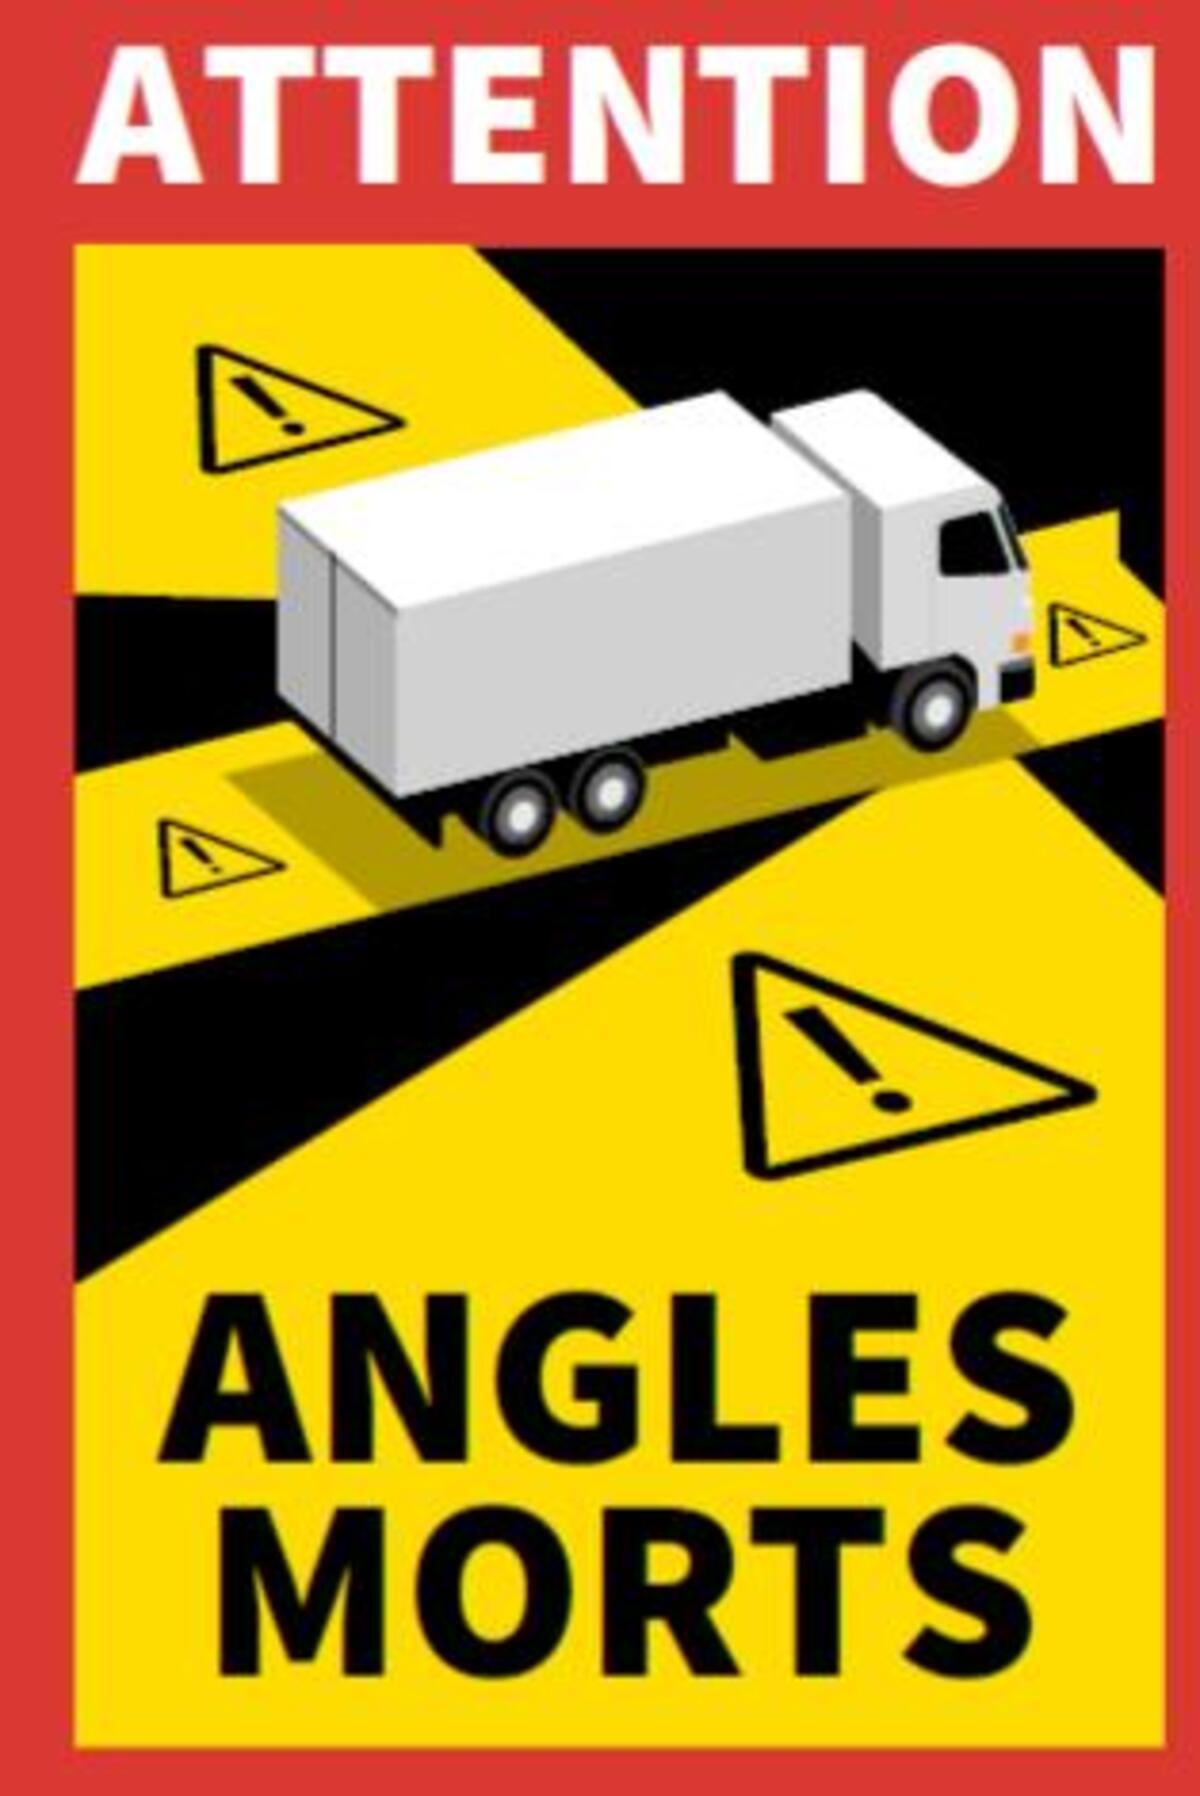 1 pezzo Angles Morts myisgk con peso superiore a 3,5 t 30 adesivi per punti ciechi angolo Morts